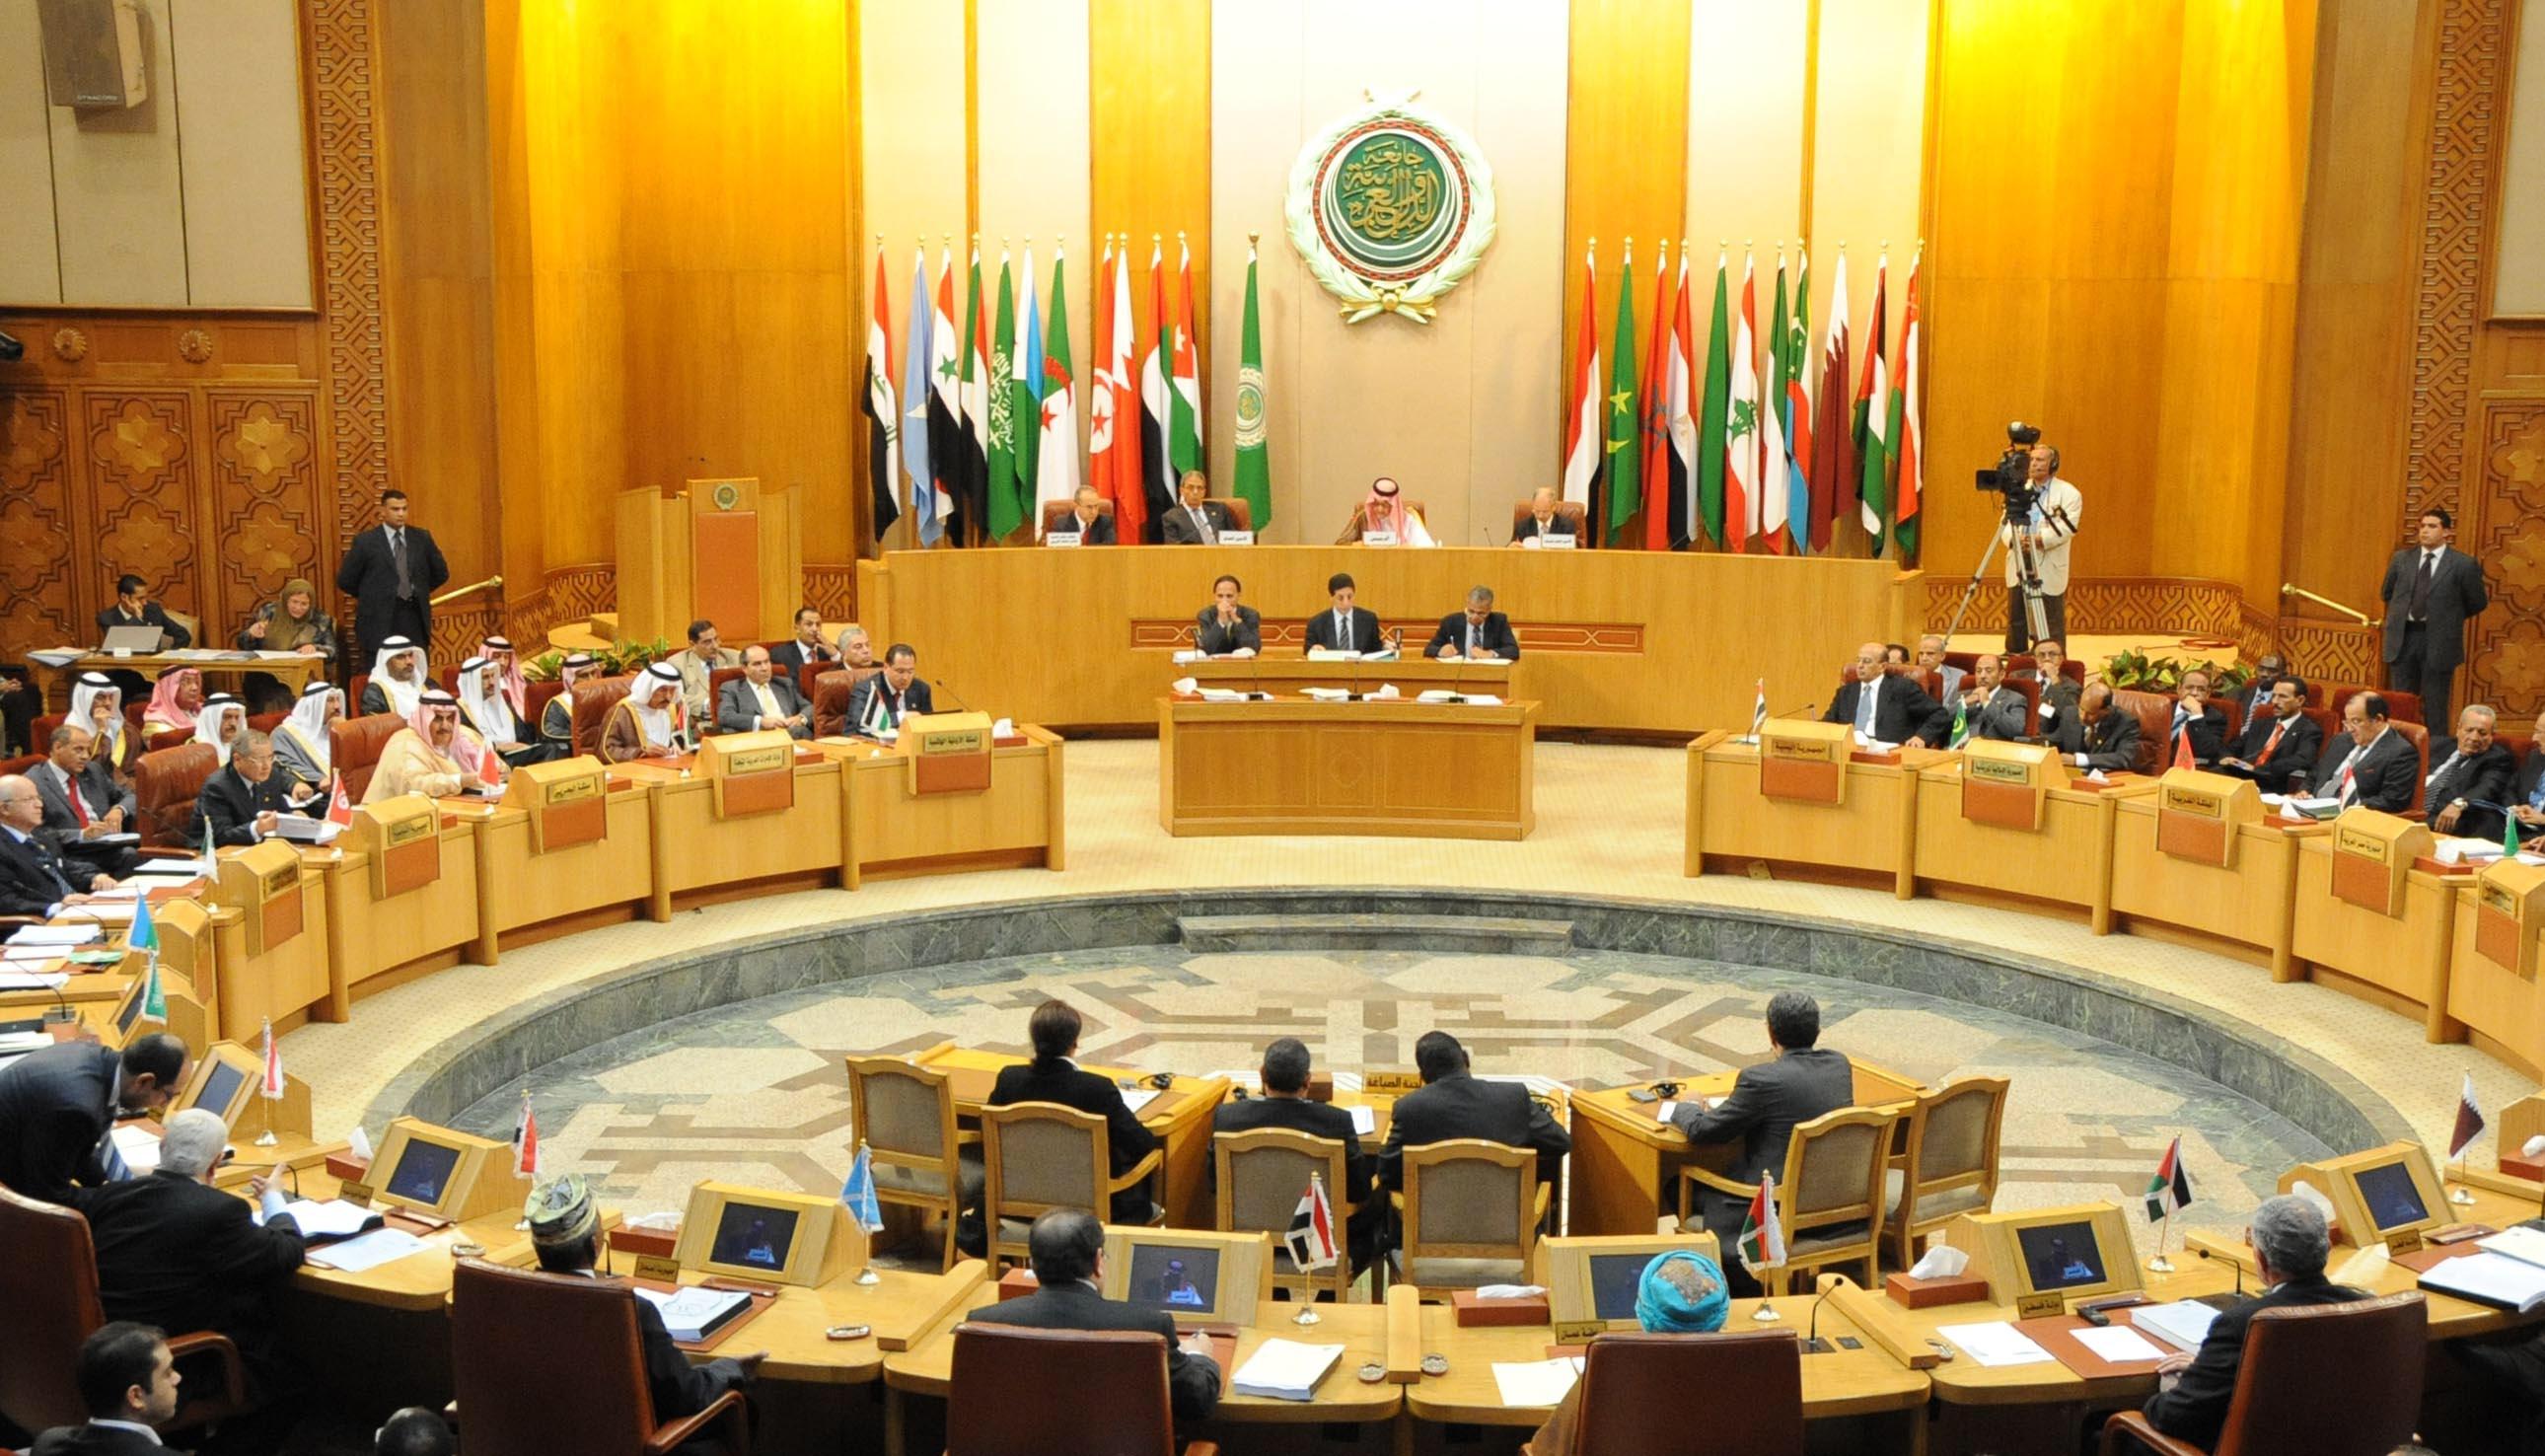 وزراى خارجه كشورهاى عرب ضمن محكوميت تروريسم  بر گسترش صلح و دوستى تأكيد كردند